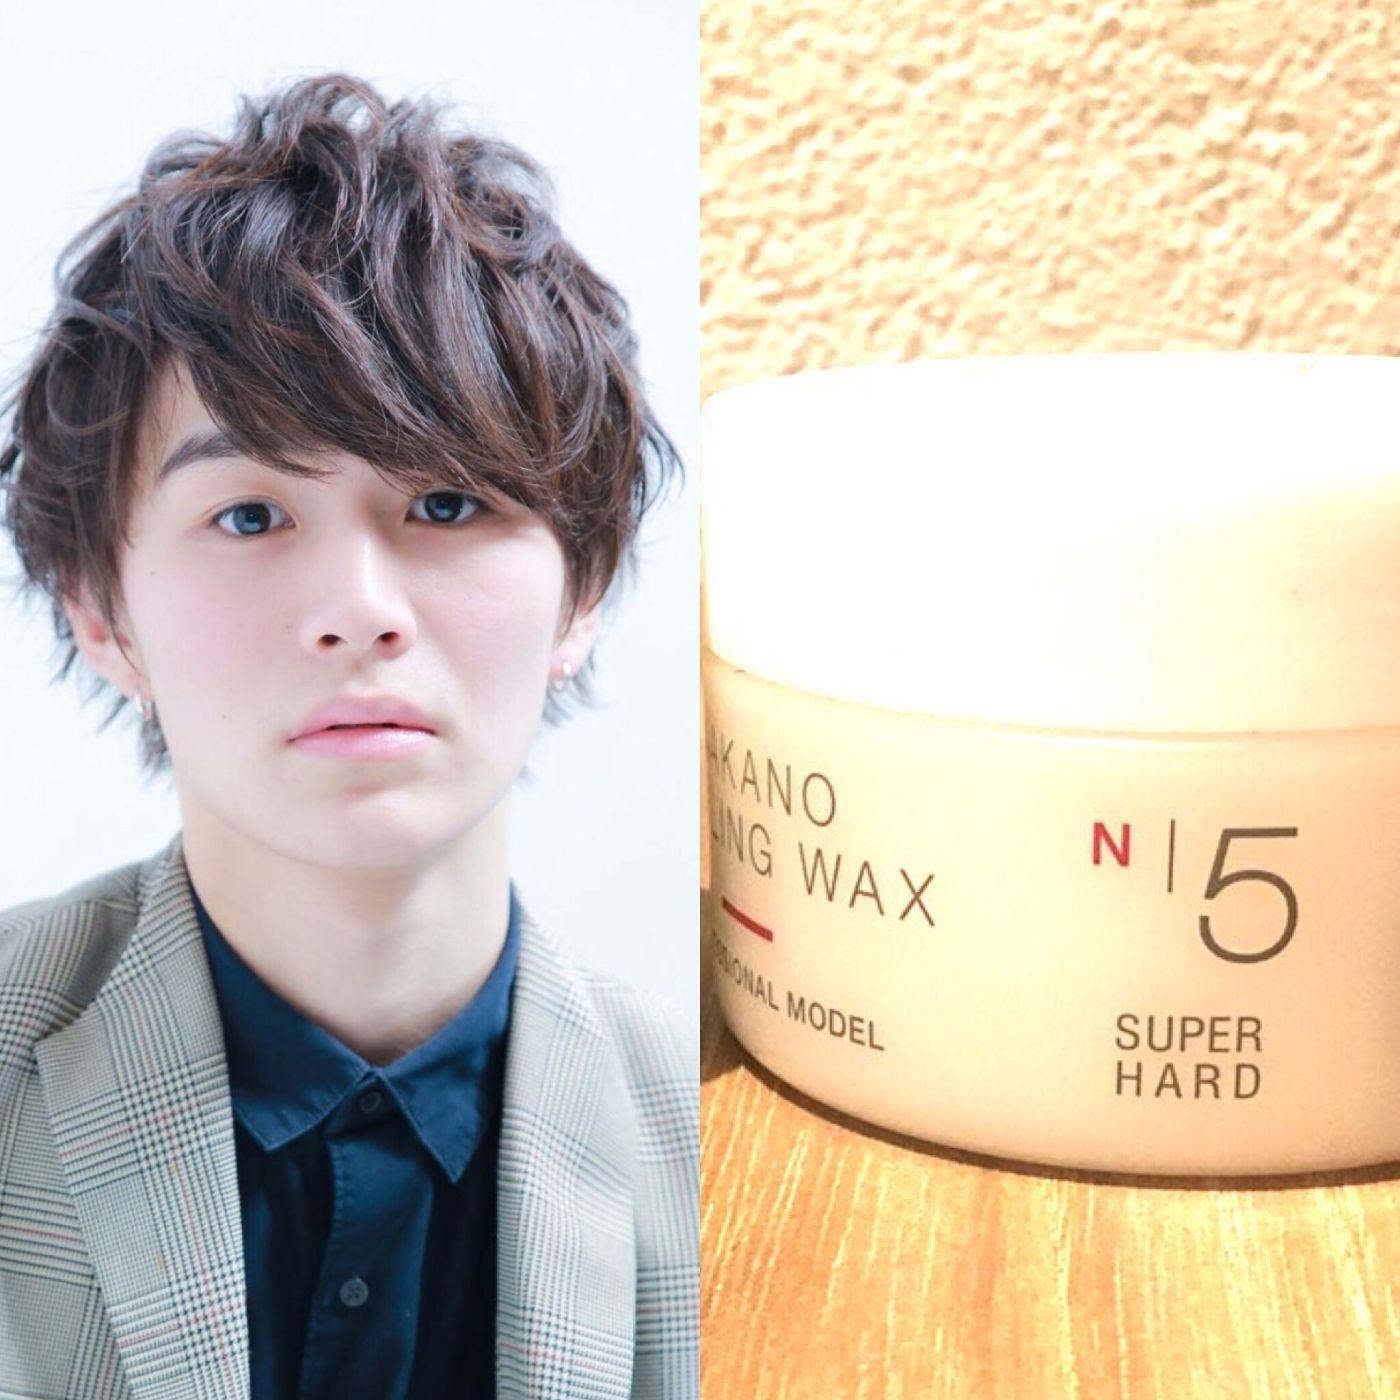 ①ナカノ スタイリング【ファイバー】ワックス No.5 プロモデル 90g ¥1,404